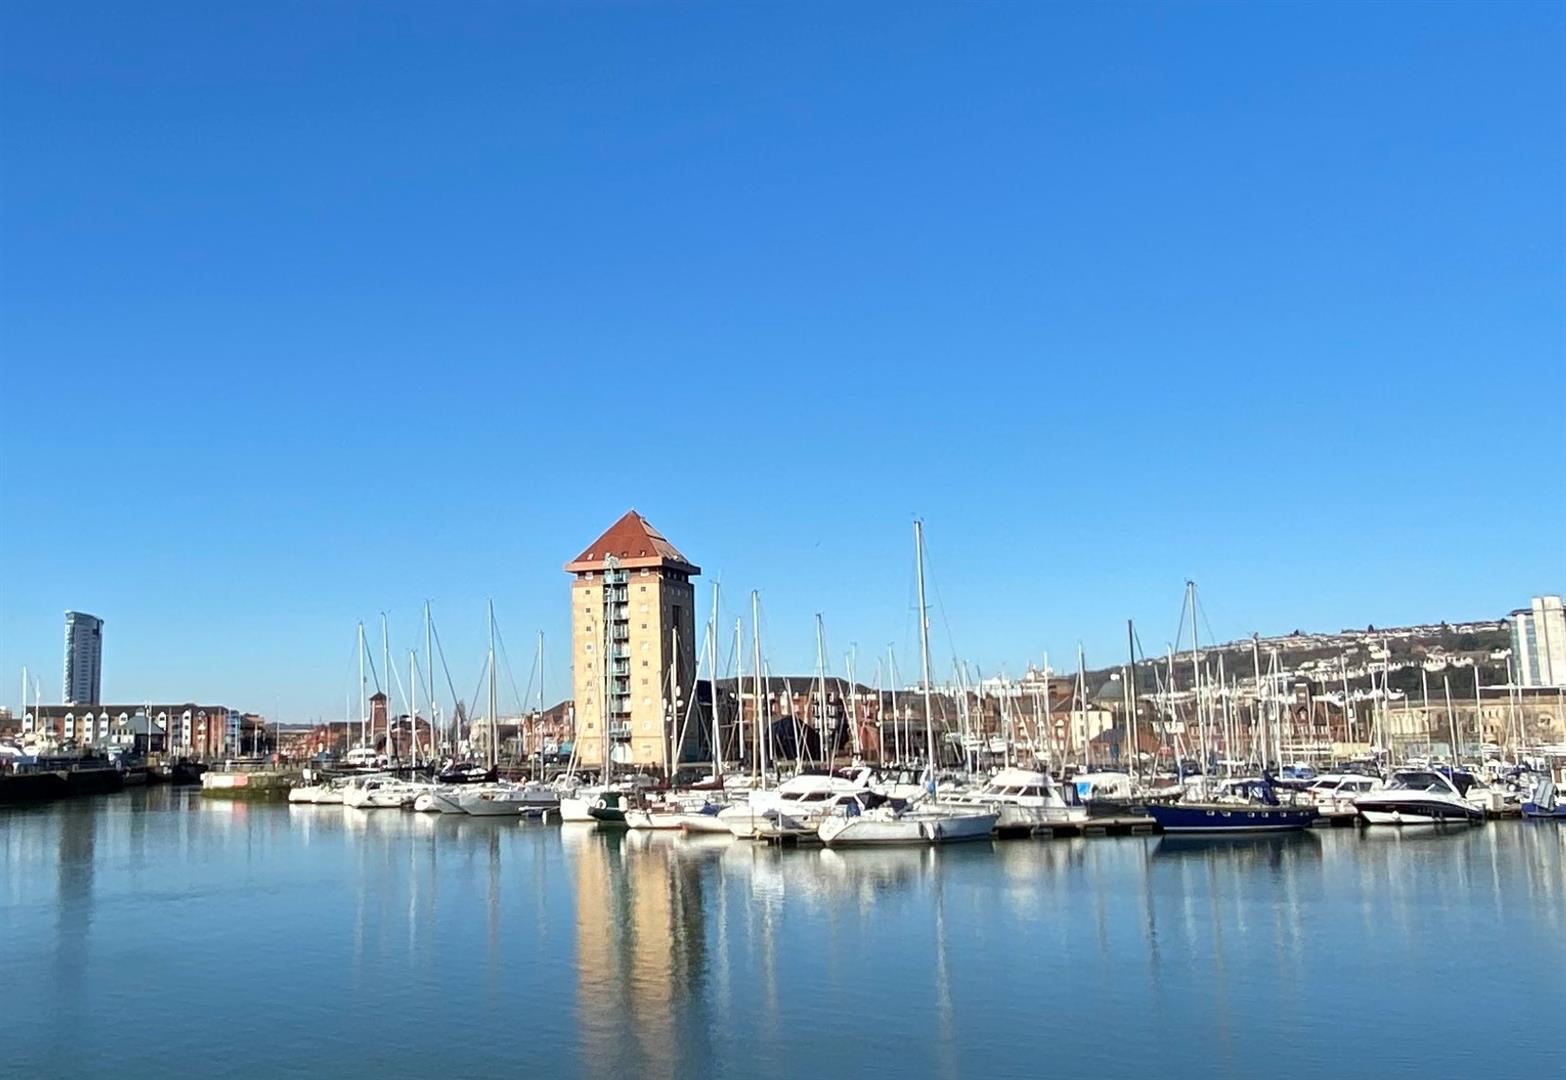 Pocketts Wharf, Maritime Quarter, Swansea, SA1 3XL